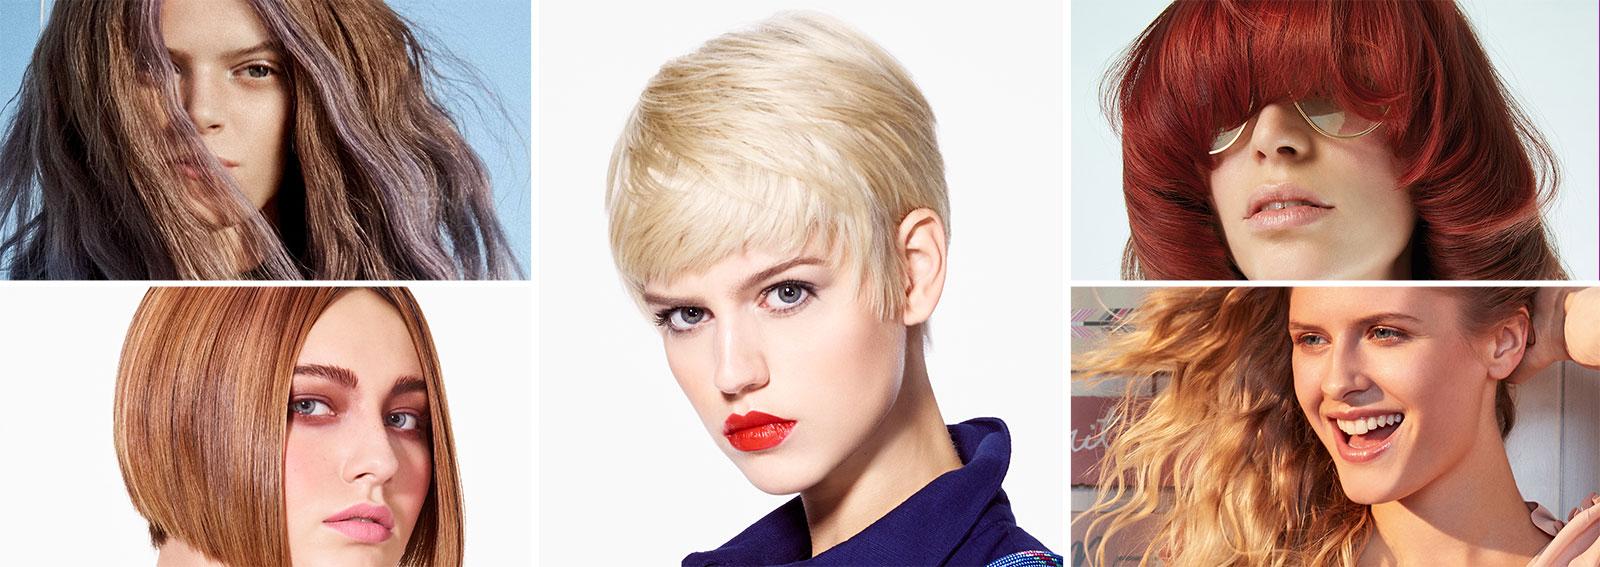 tendenze-colore-capelli-primavera-estate-2019-saloni-desktop